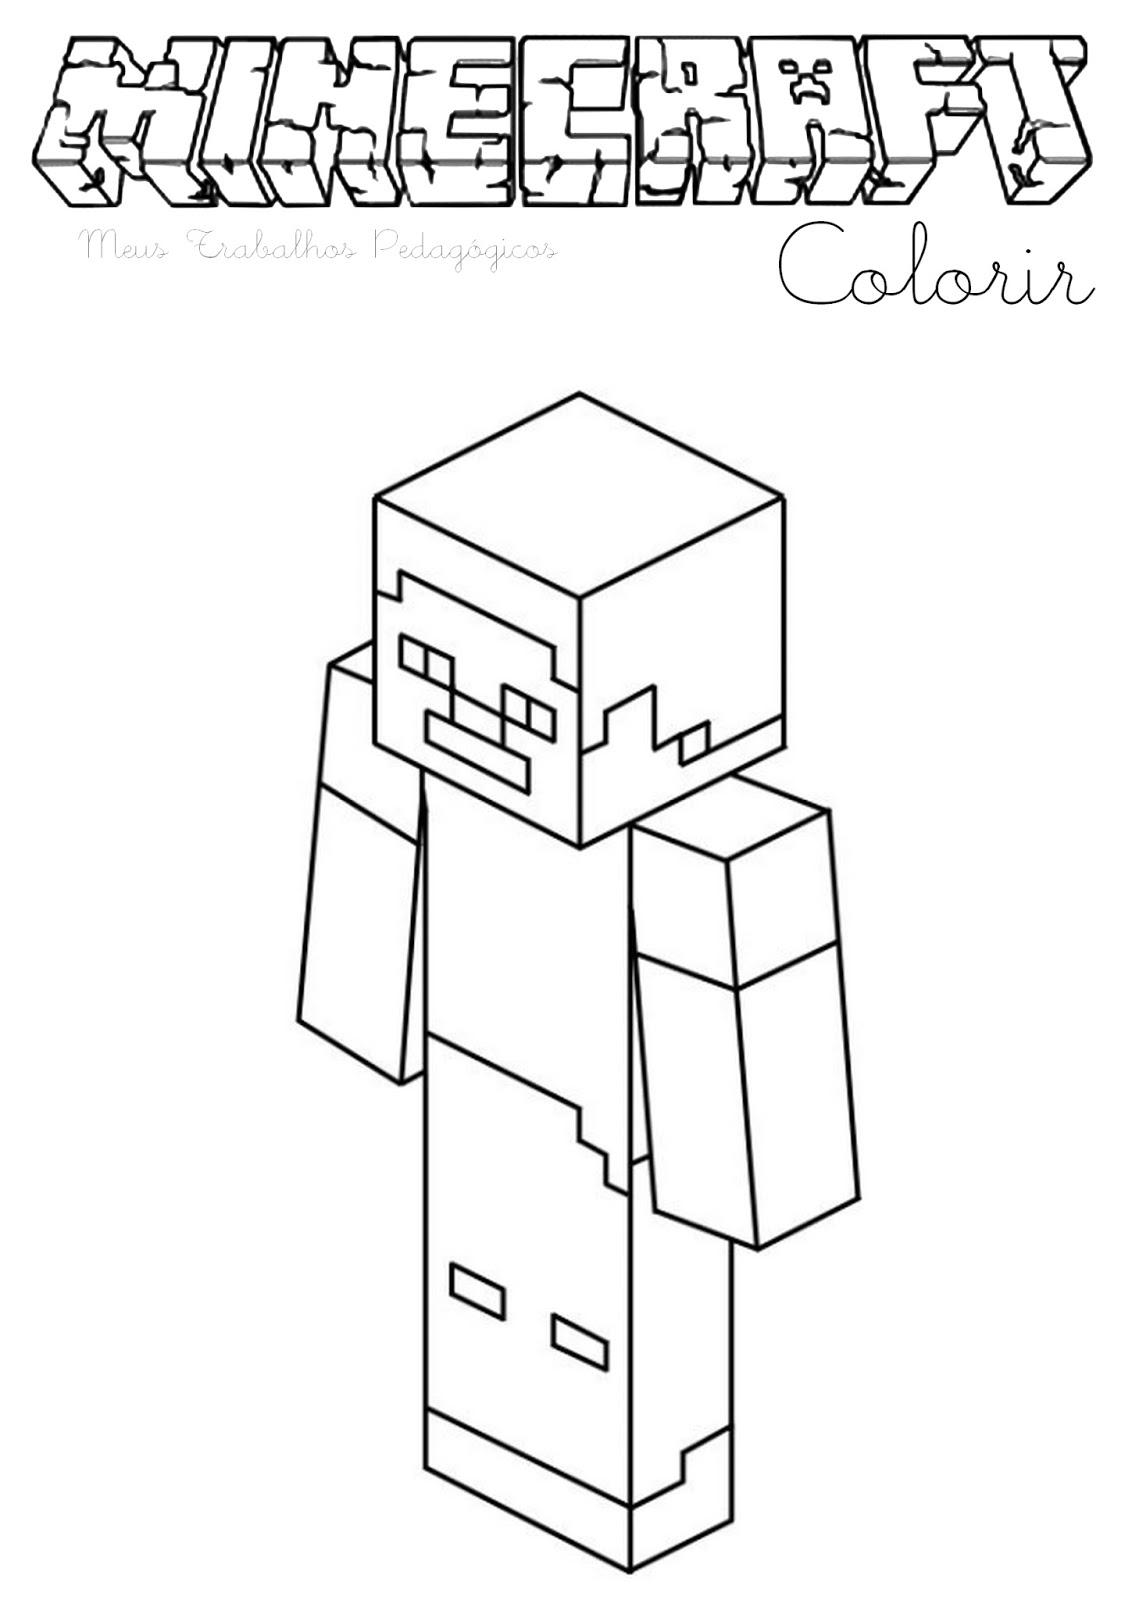 раскраски про миникотика из майнкрафта распечатать #6